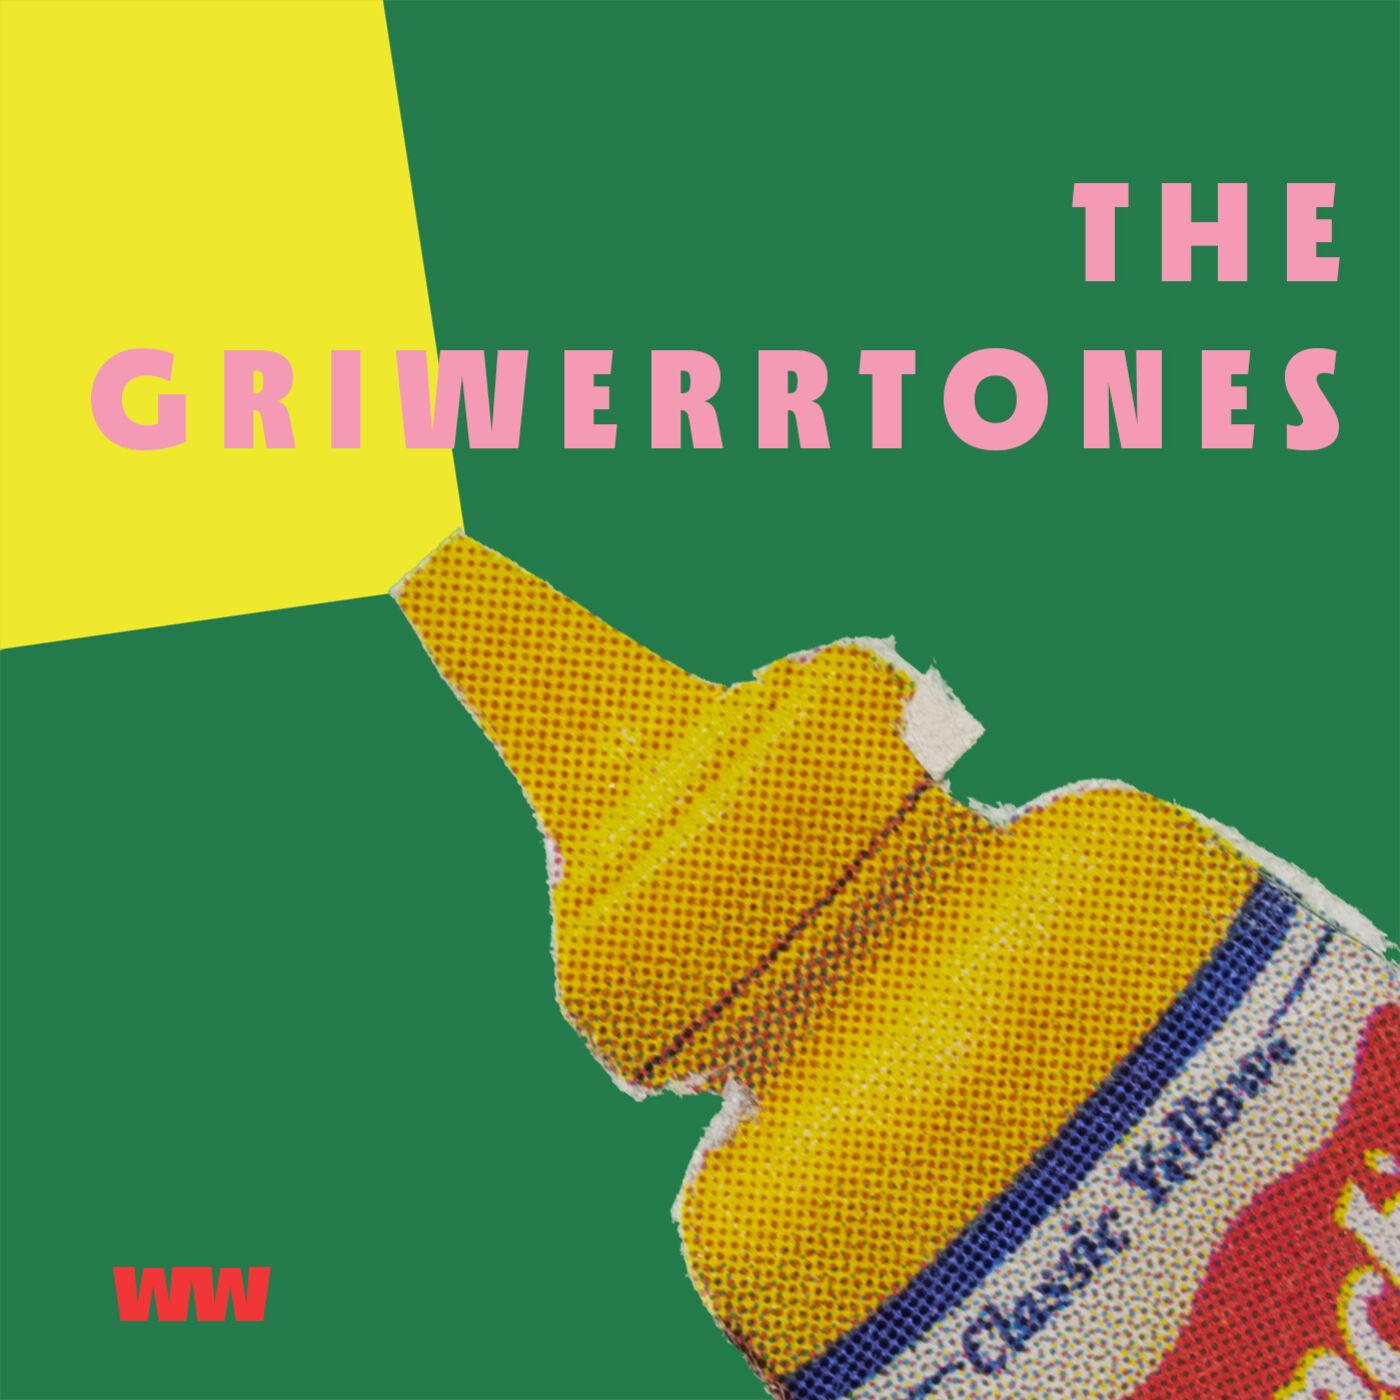 The Griwerrtones Director's Cut